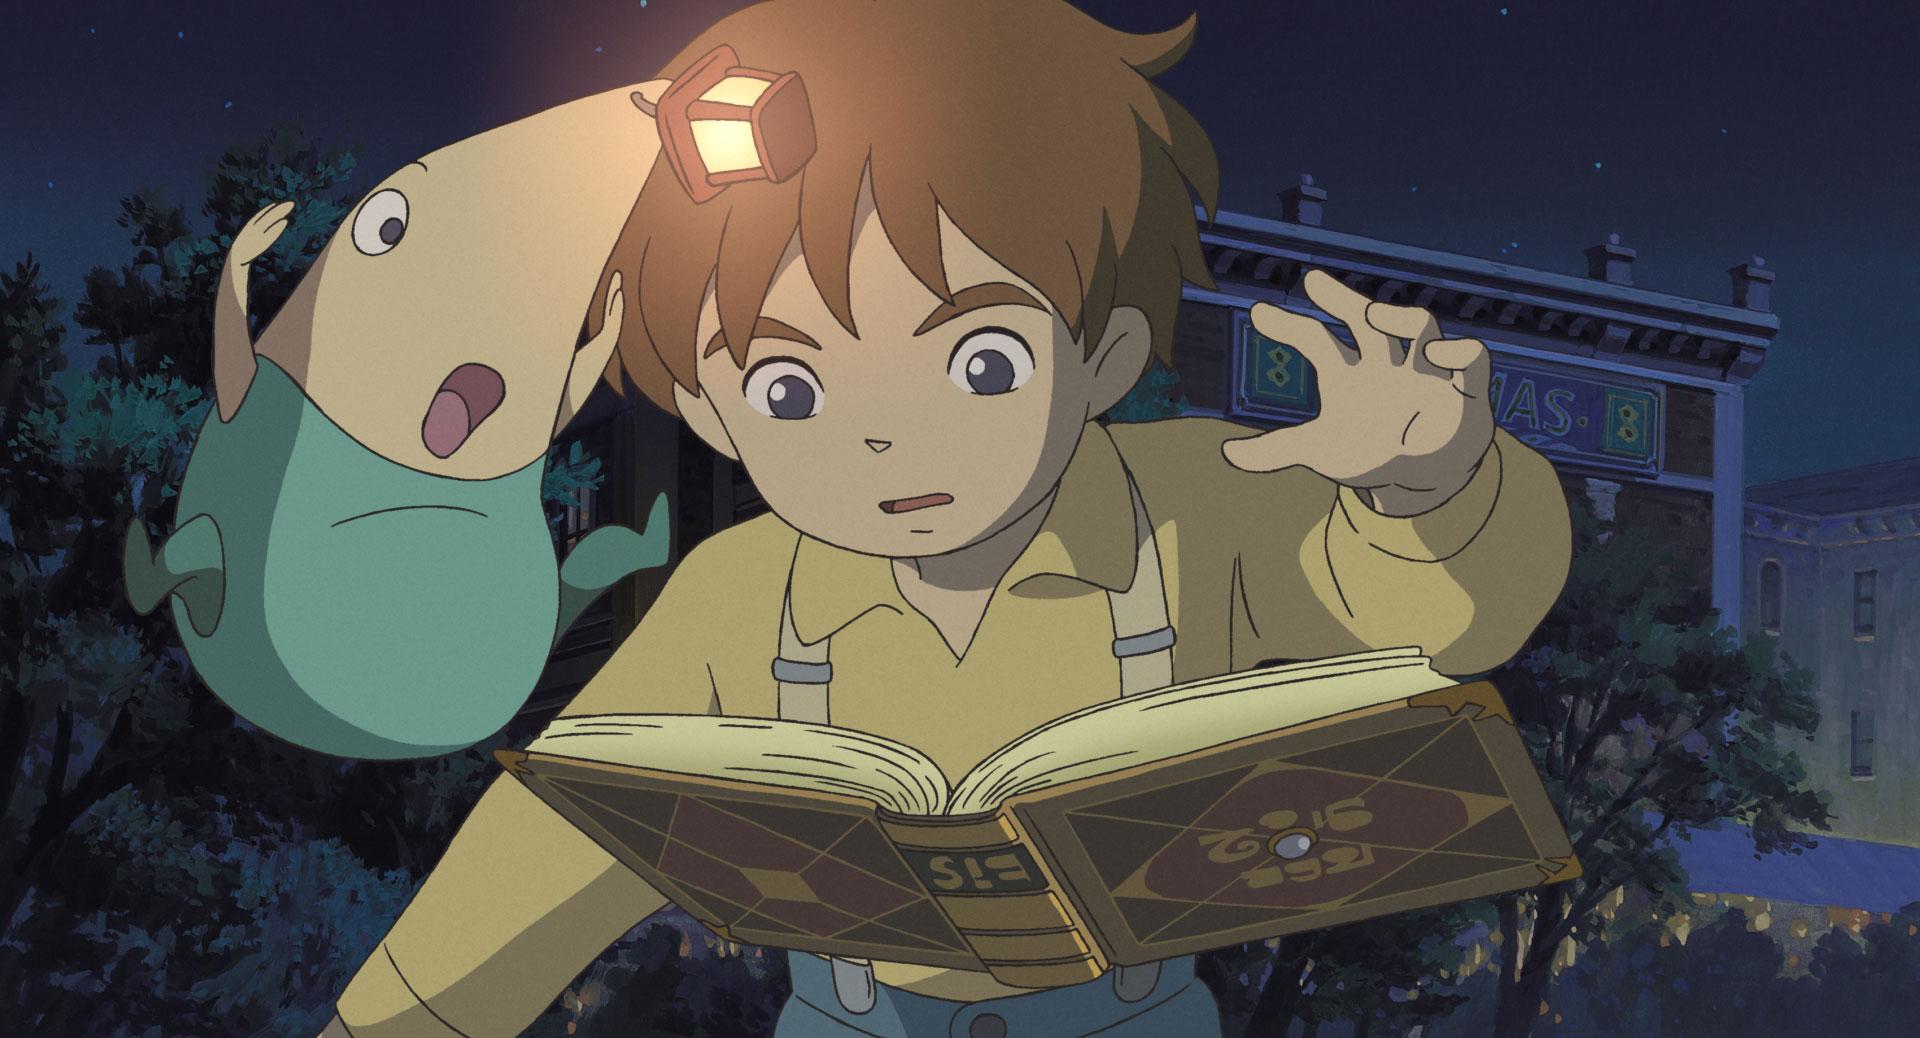 """Ghiblis """"Ni No Kuni""""-Film könnte aussehen wie die Sequenzen aus dem Spiel - auch die wurden schon von der Trickfilm-Schmiede produziert."""